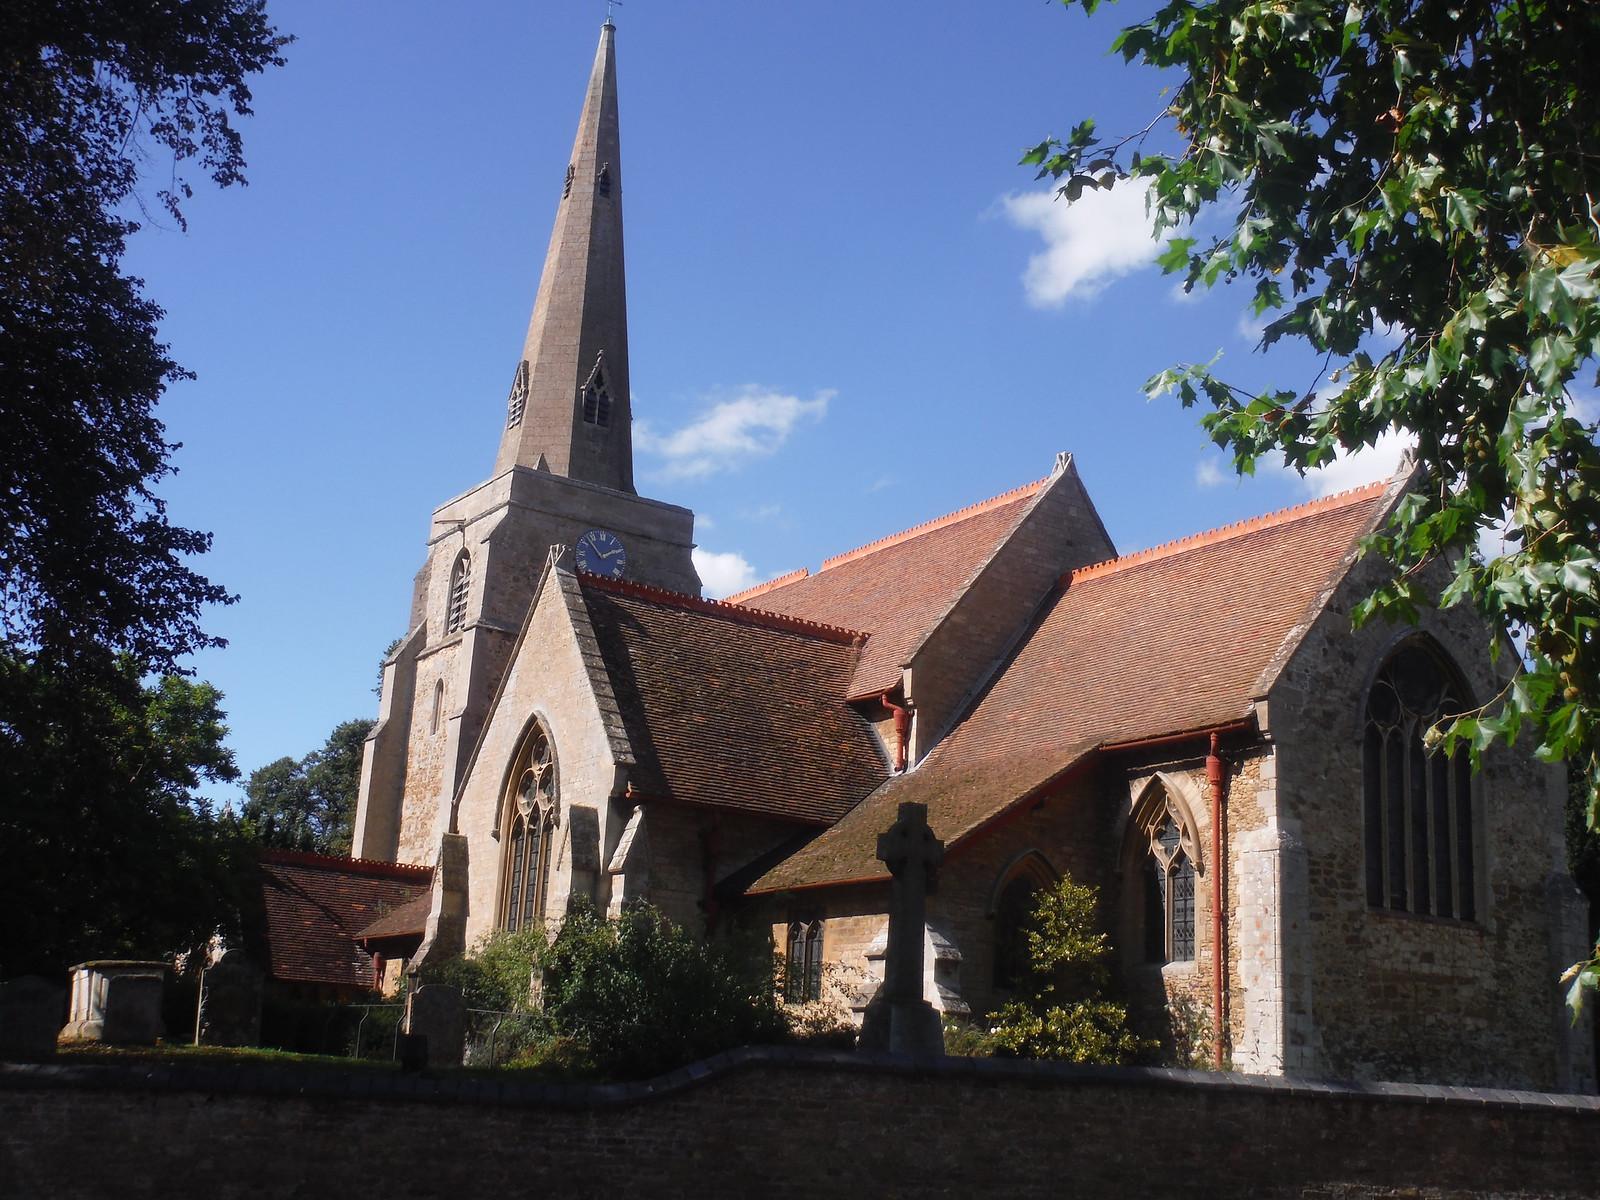 St. James's, Stretham SWC Walk 118 Ely Circular